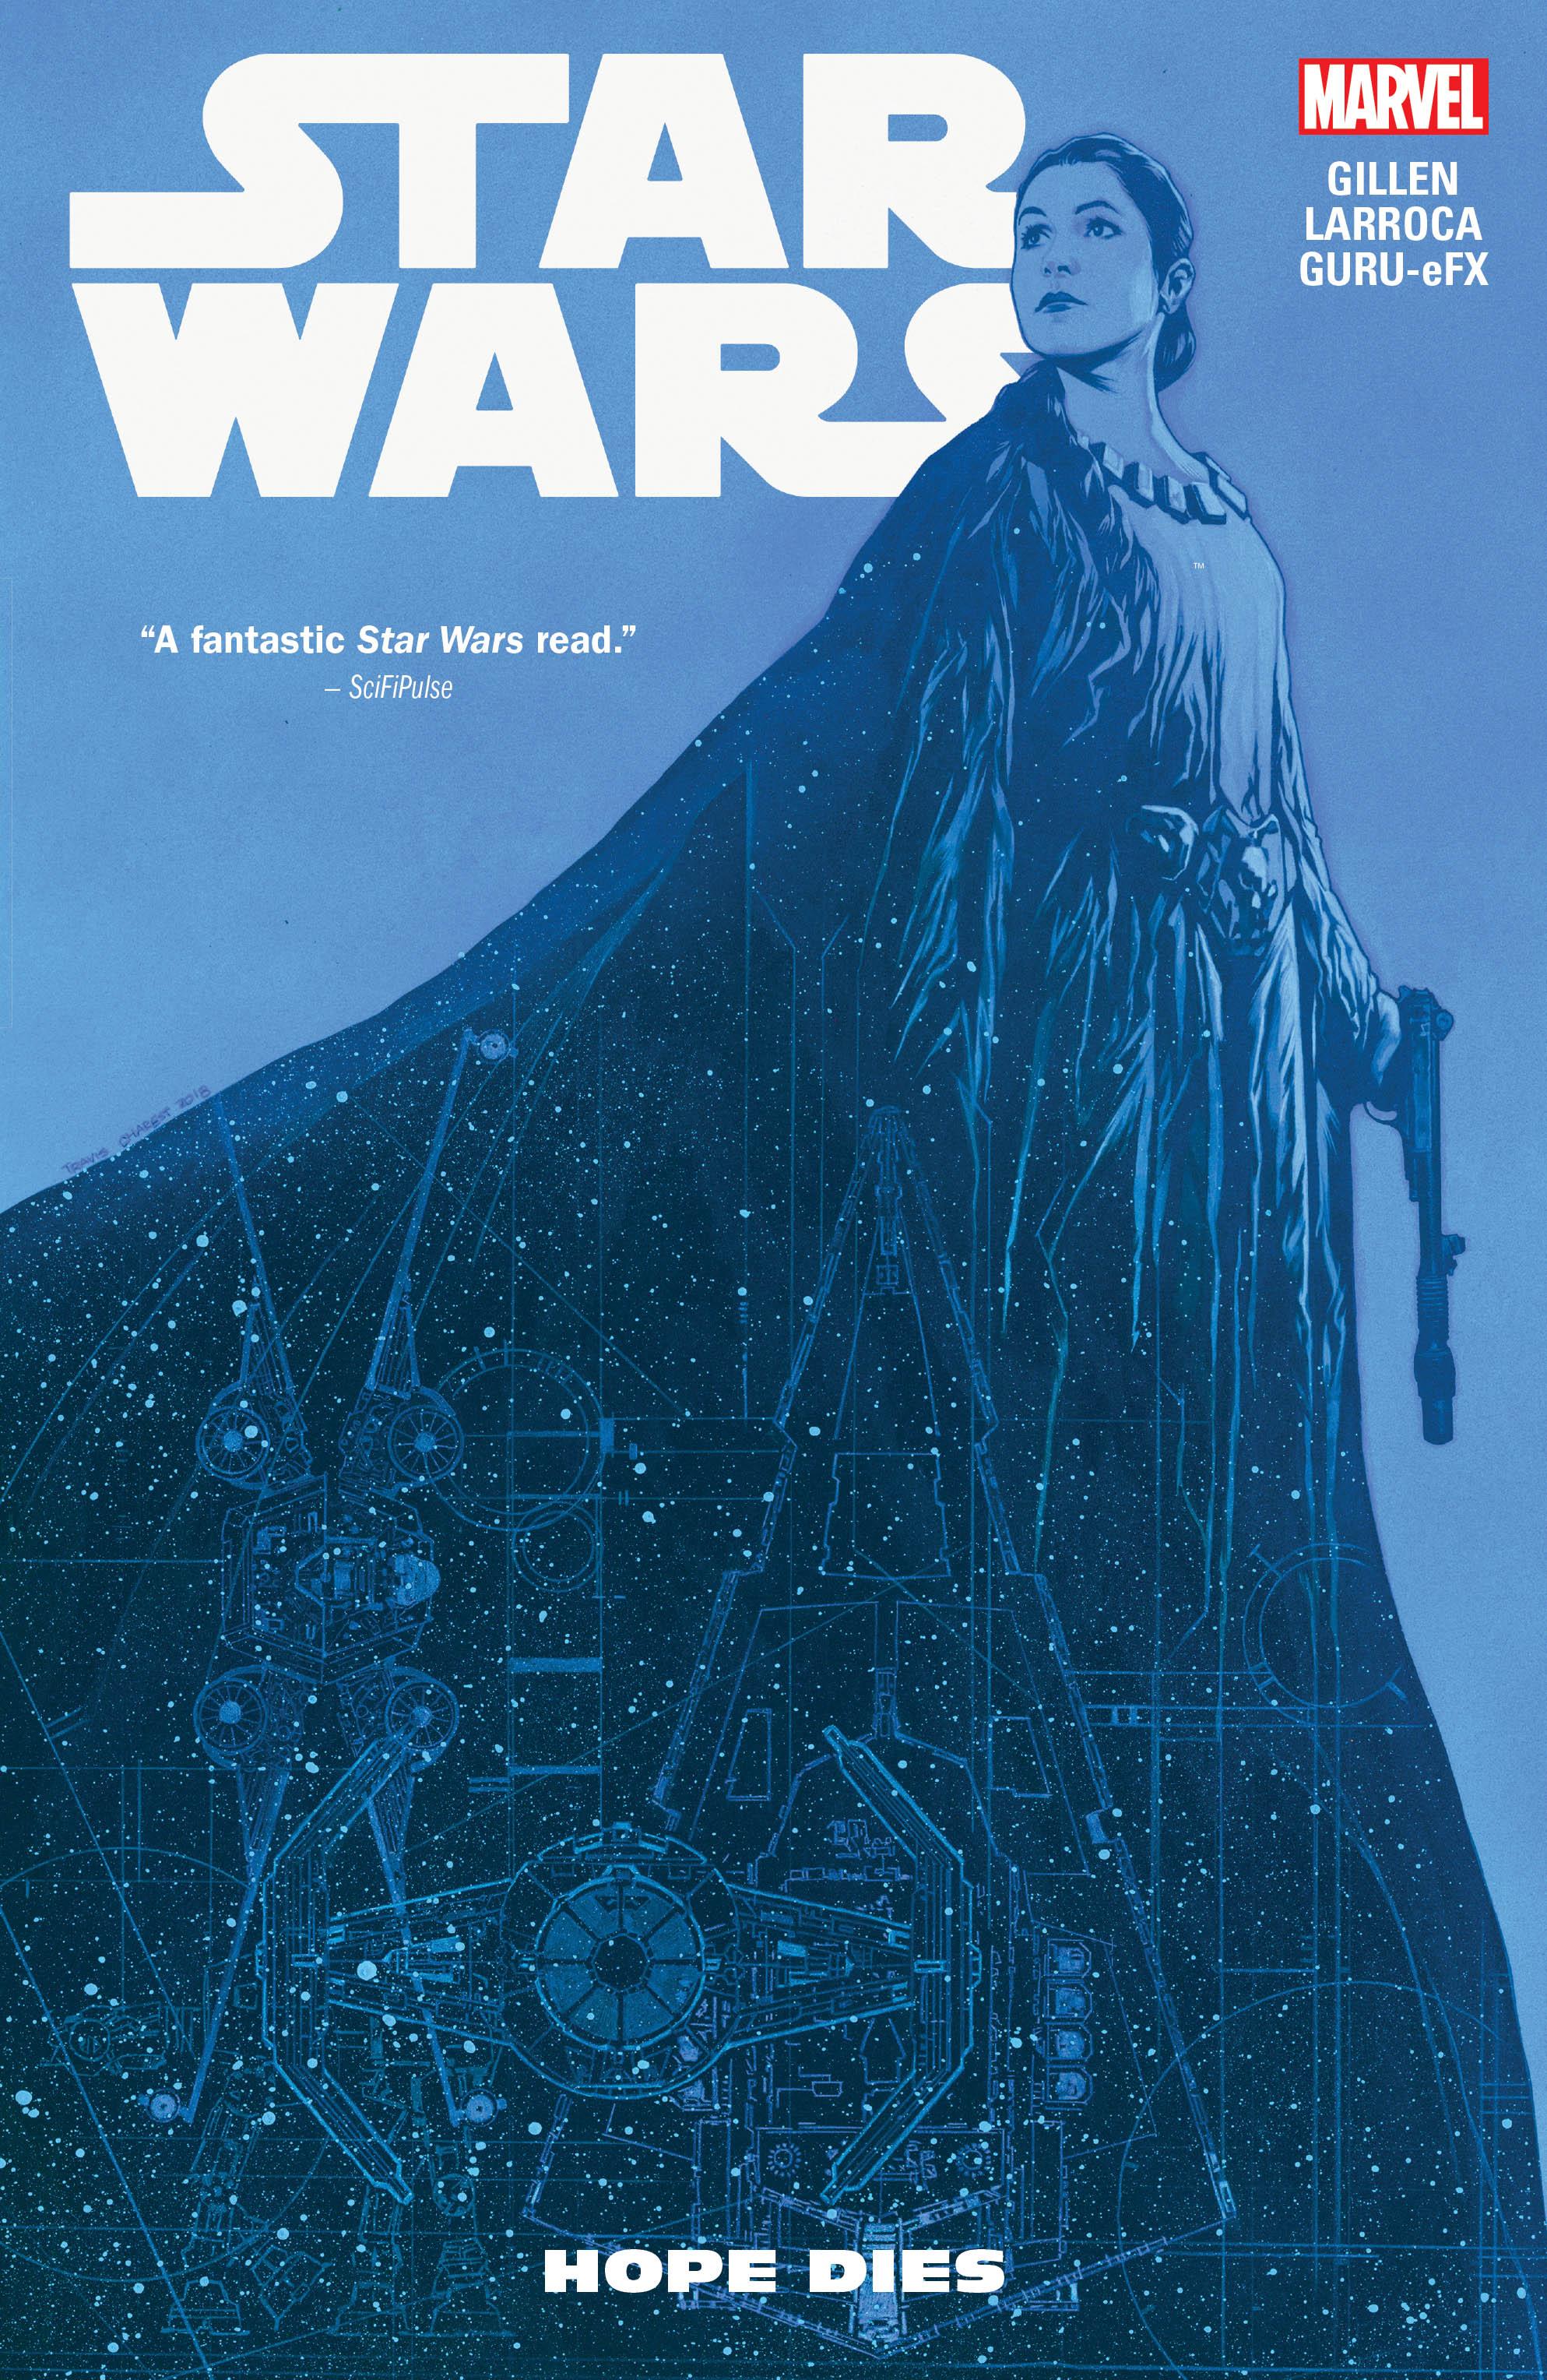 Звёздные войны: Выпуск 9 — Надежда сгорает